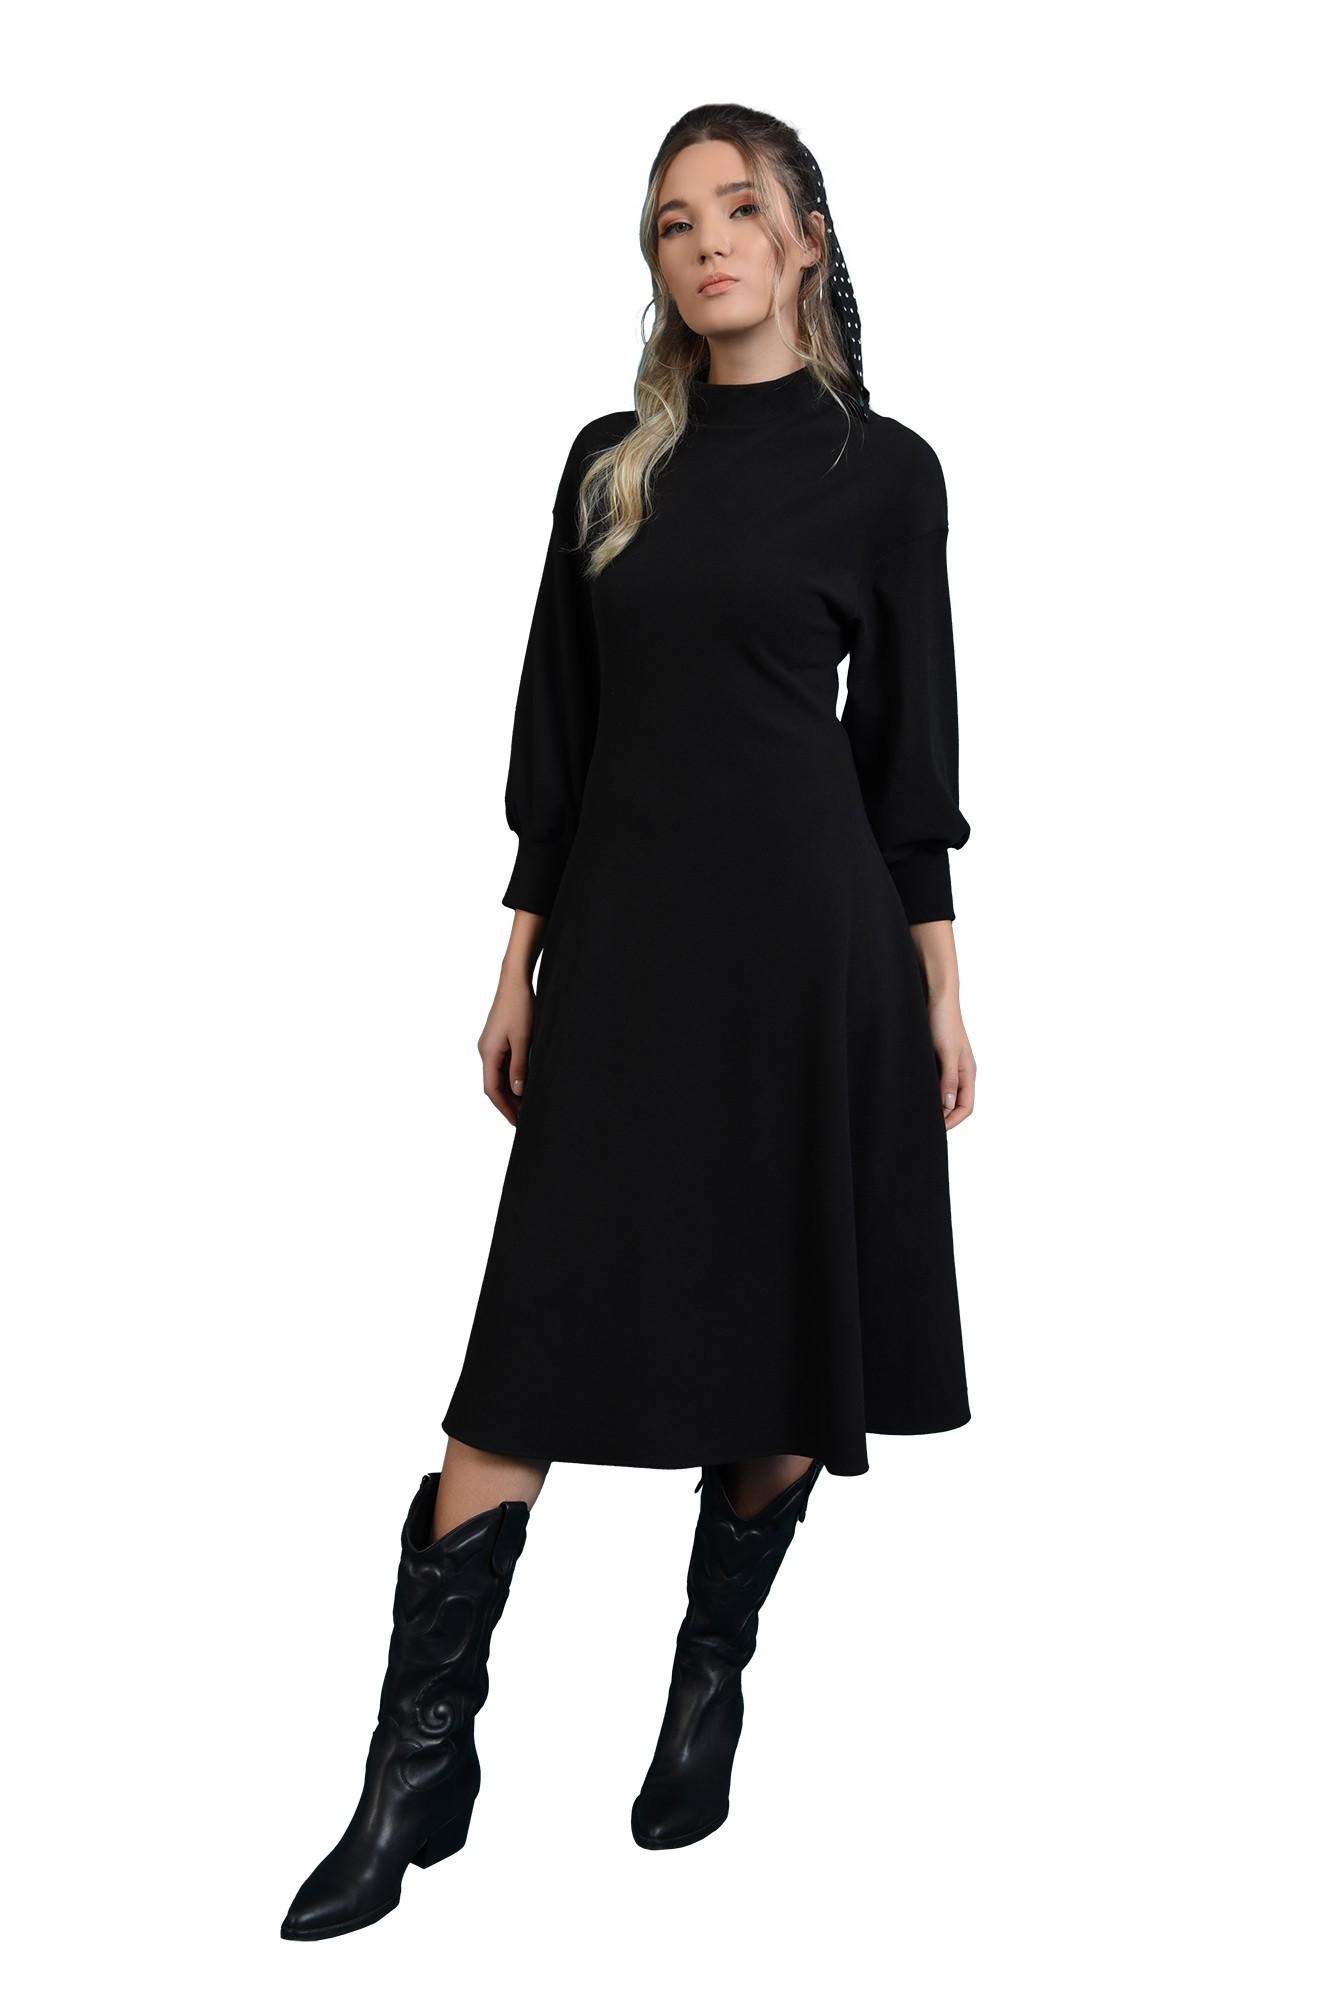 3 - rochie midi, neagra, pe bie, cu maneca larga, cu guler